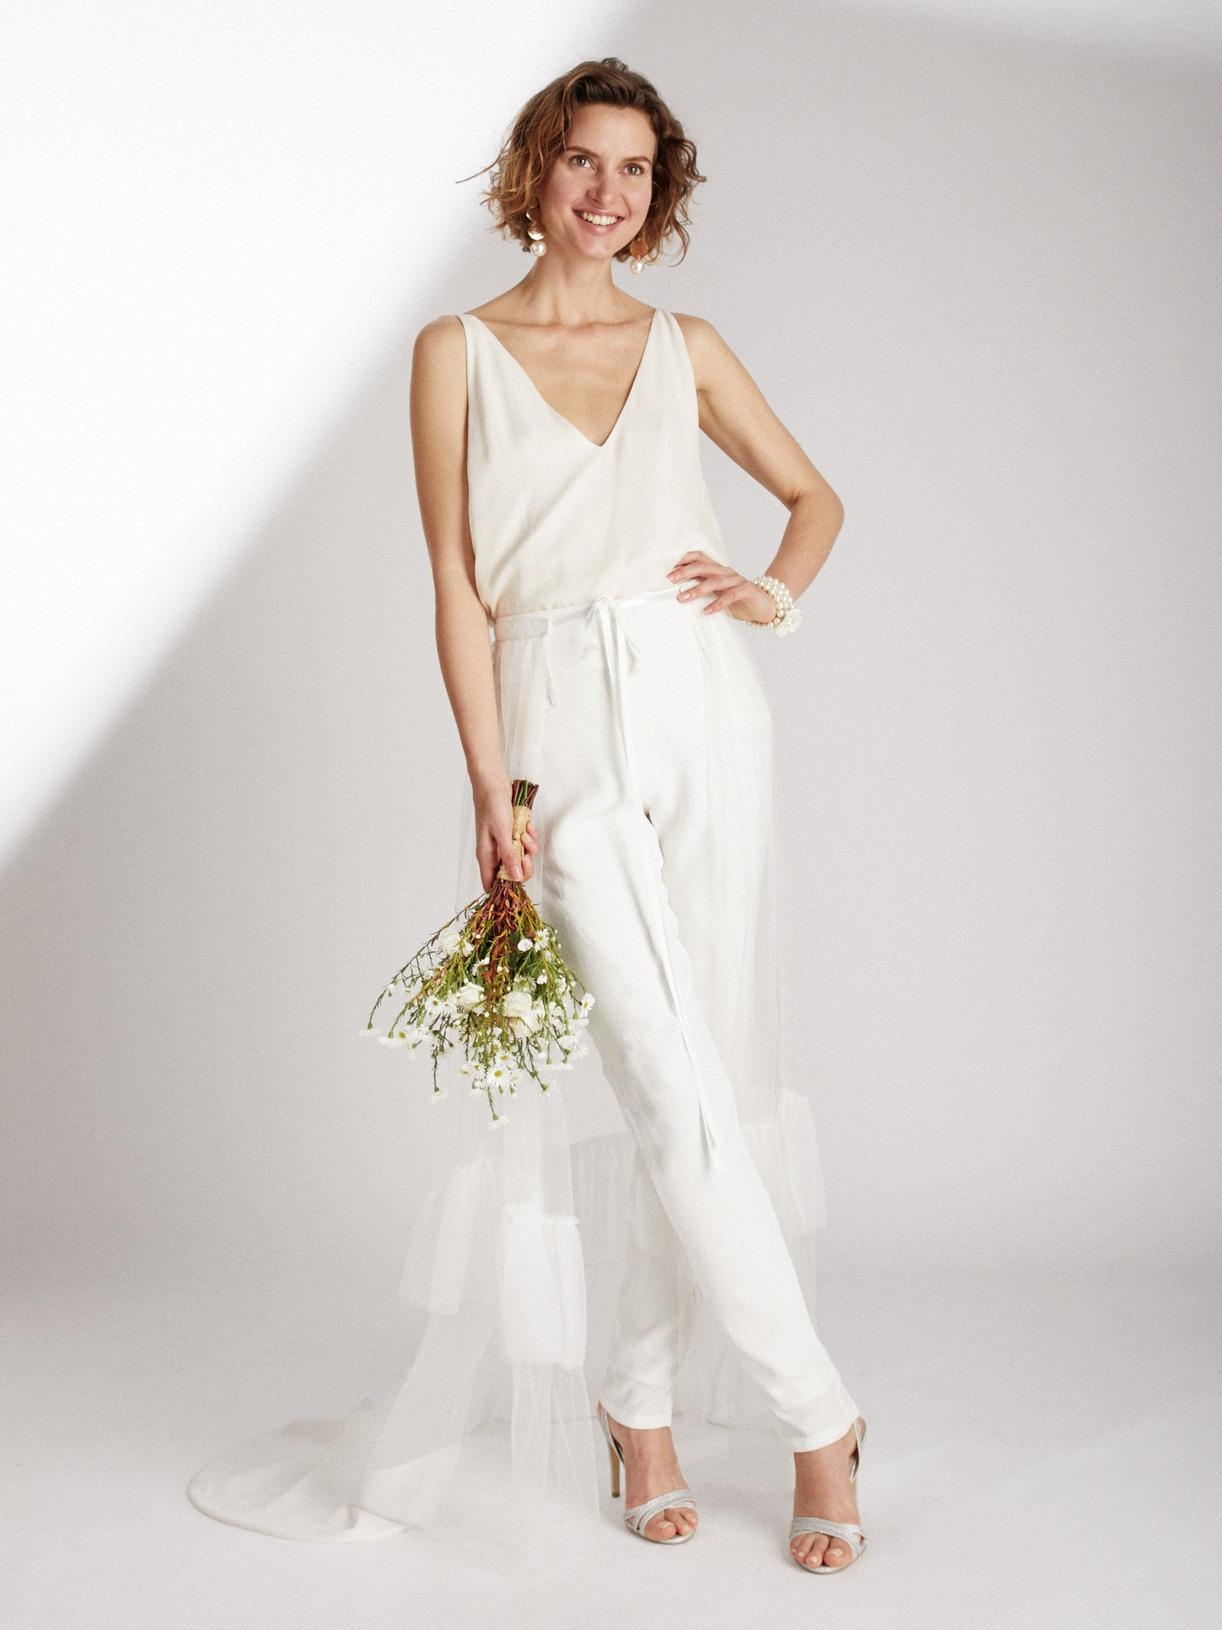 Traine pour robe de mariee écoresponsable - Creatrice de robe de mariée éthique et bio a Paris - Myphilosophy